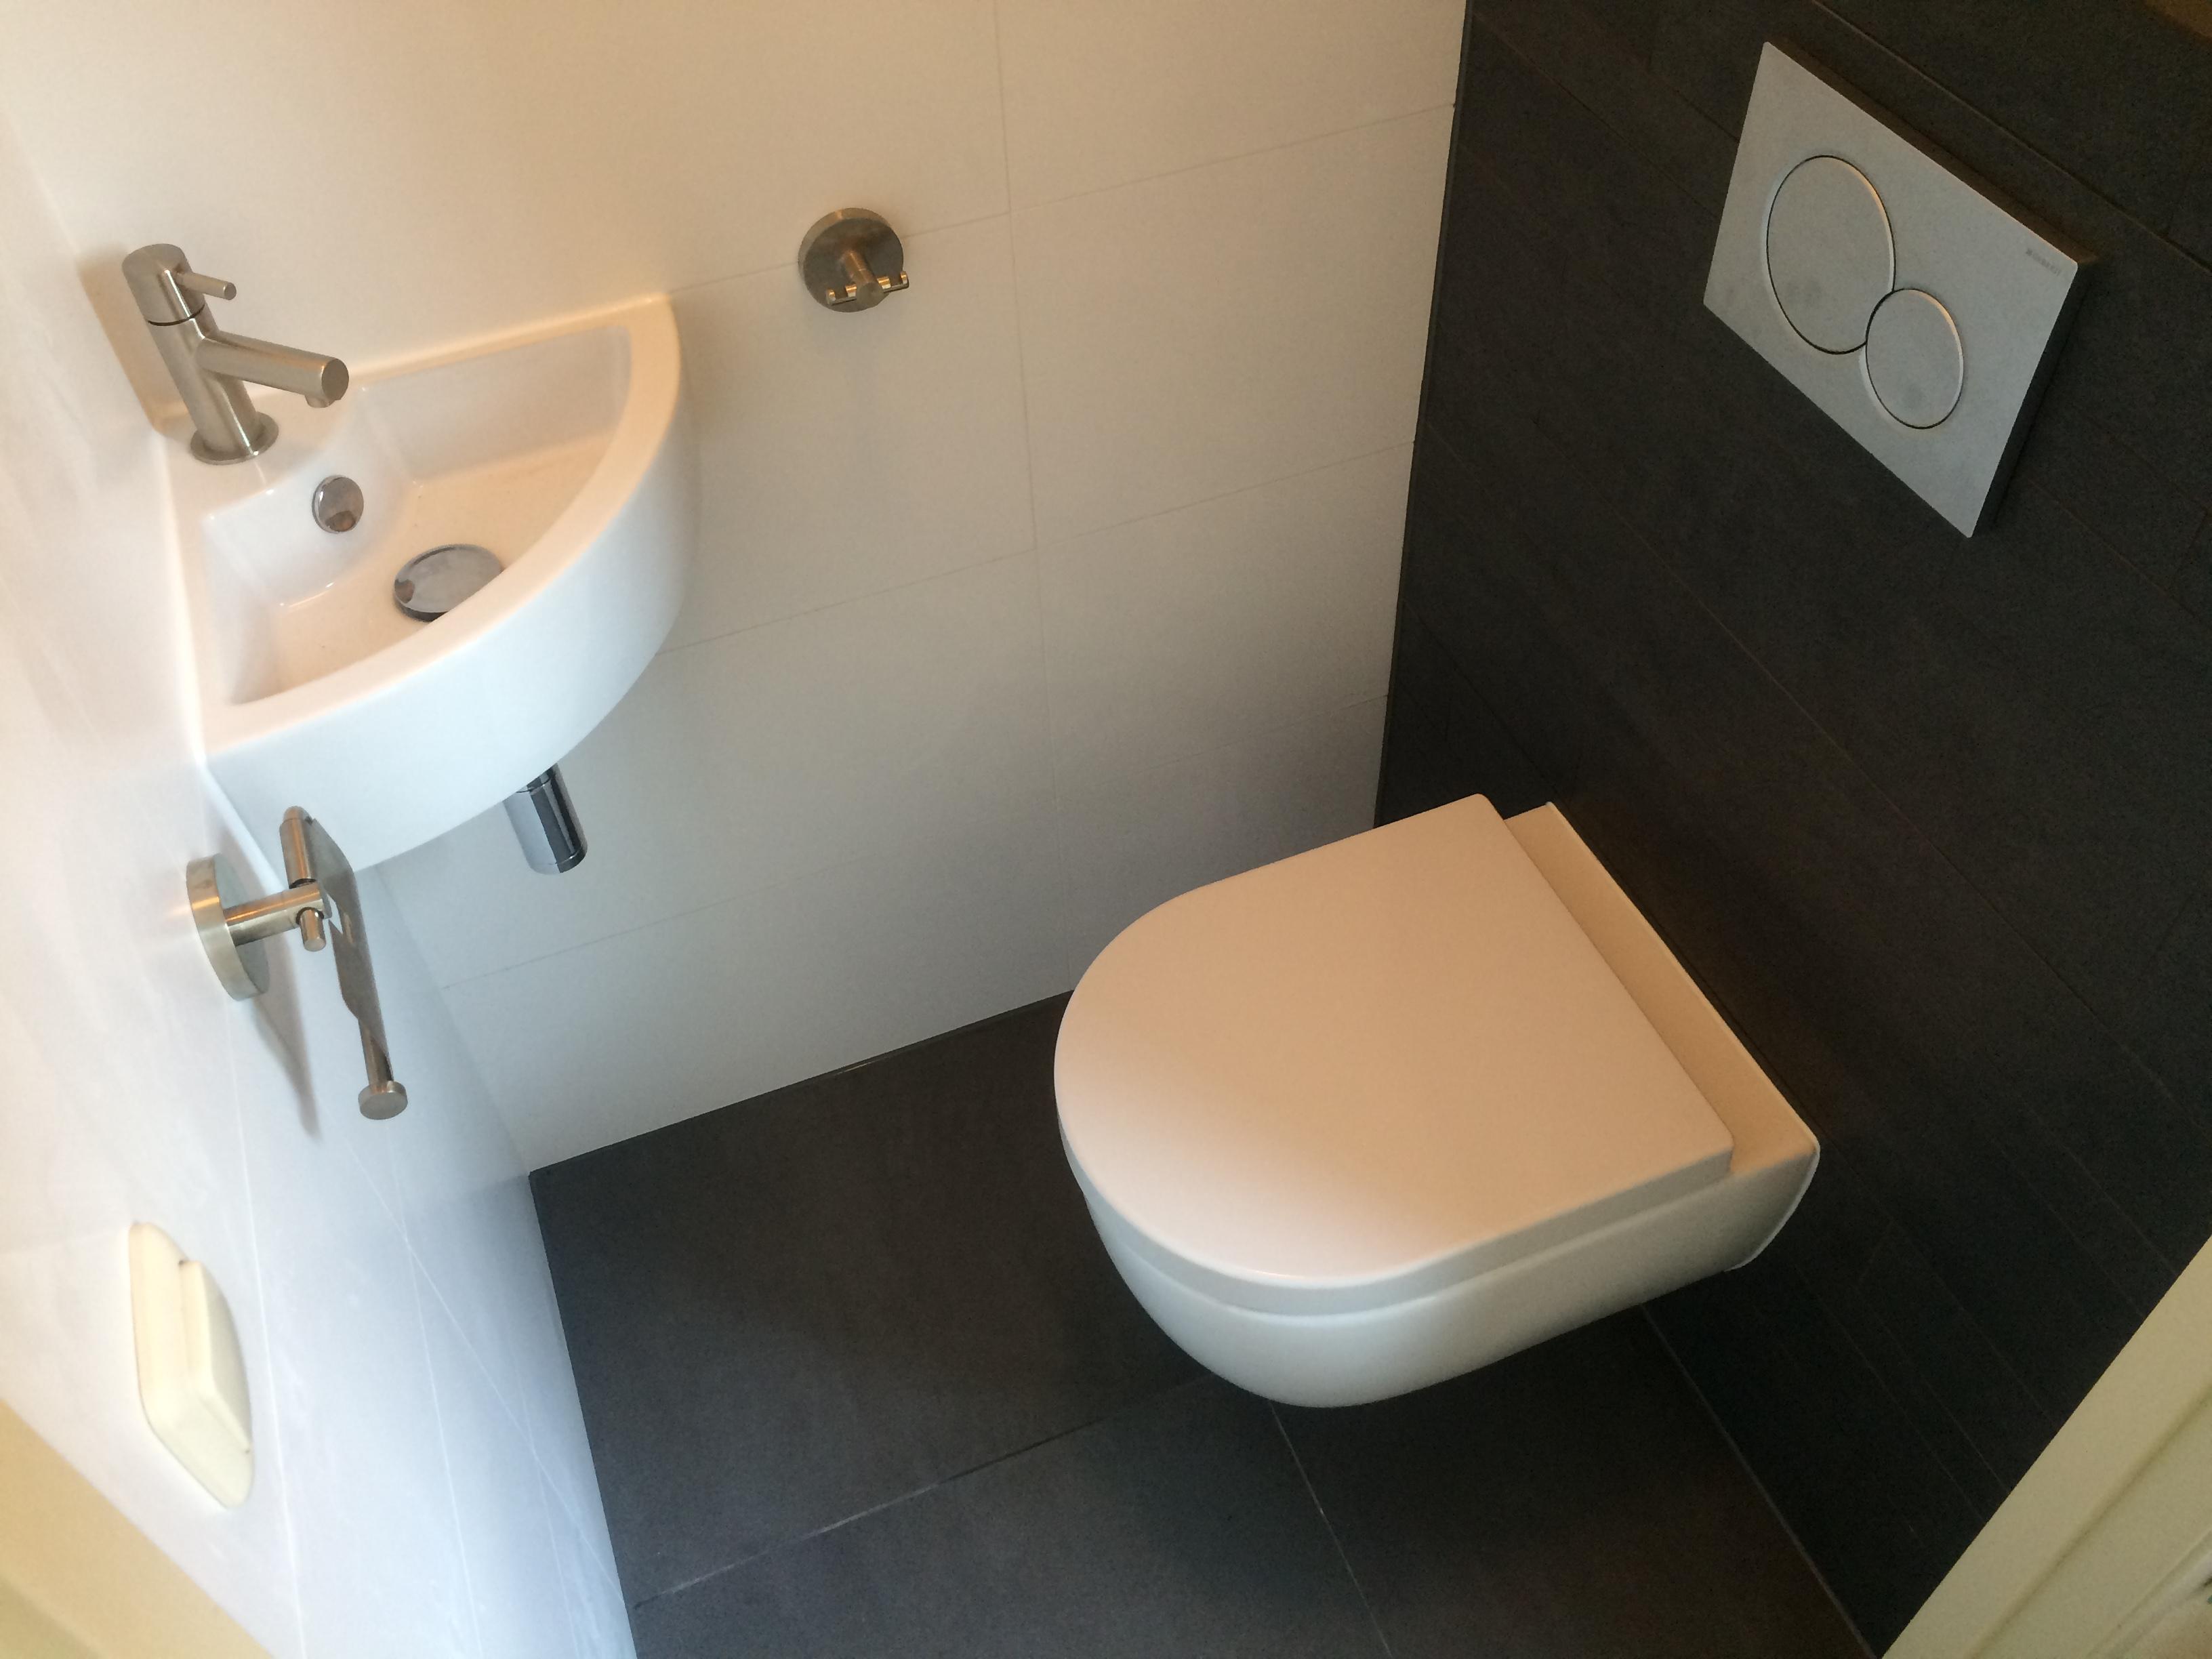 Complete toilet renovatie sanitair tegels en toilet accessoires - Muur tegel installatie ...